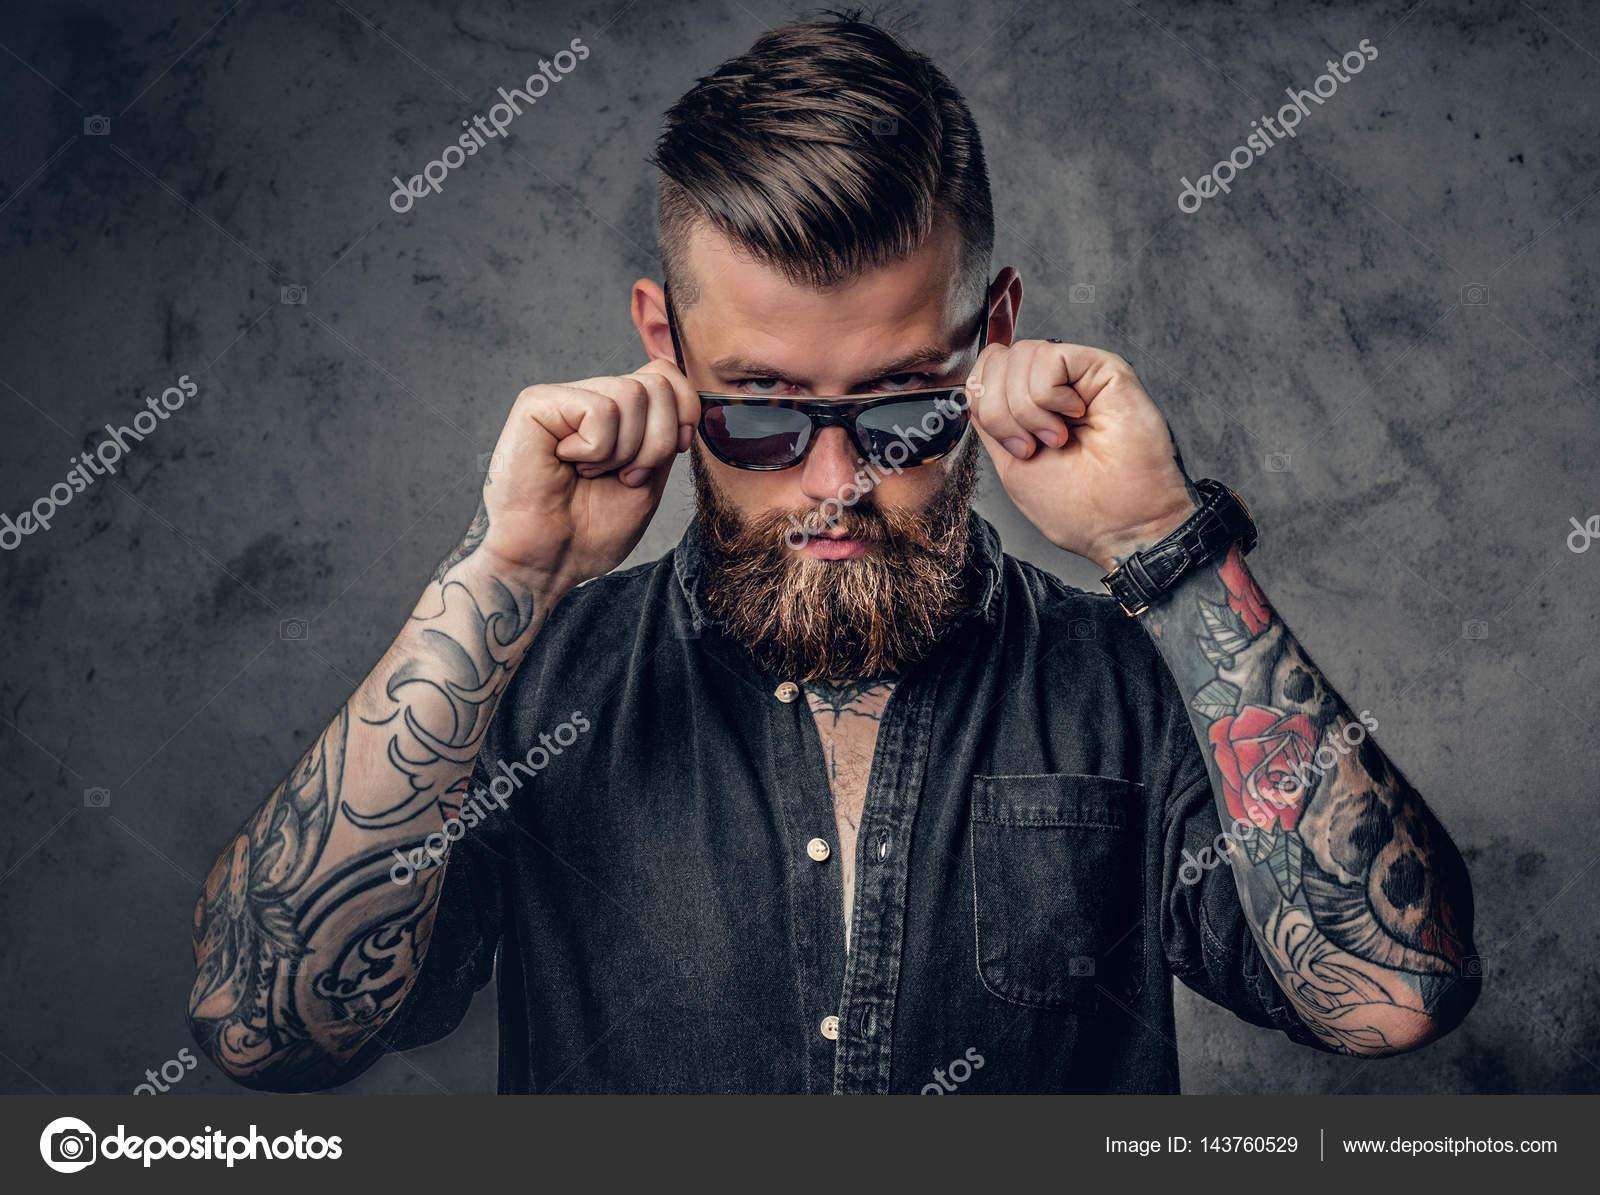 Hombre de barba hipster con tatuajes — Foto de stock © fxquadro ... fd1cfabee57